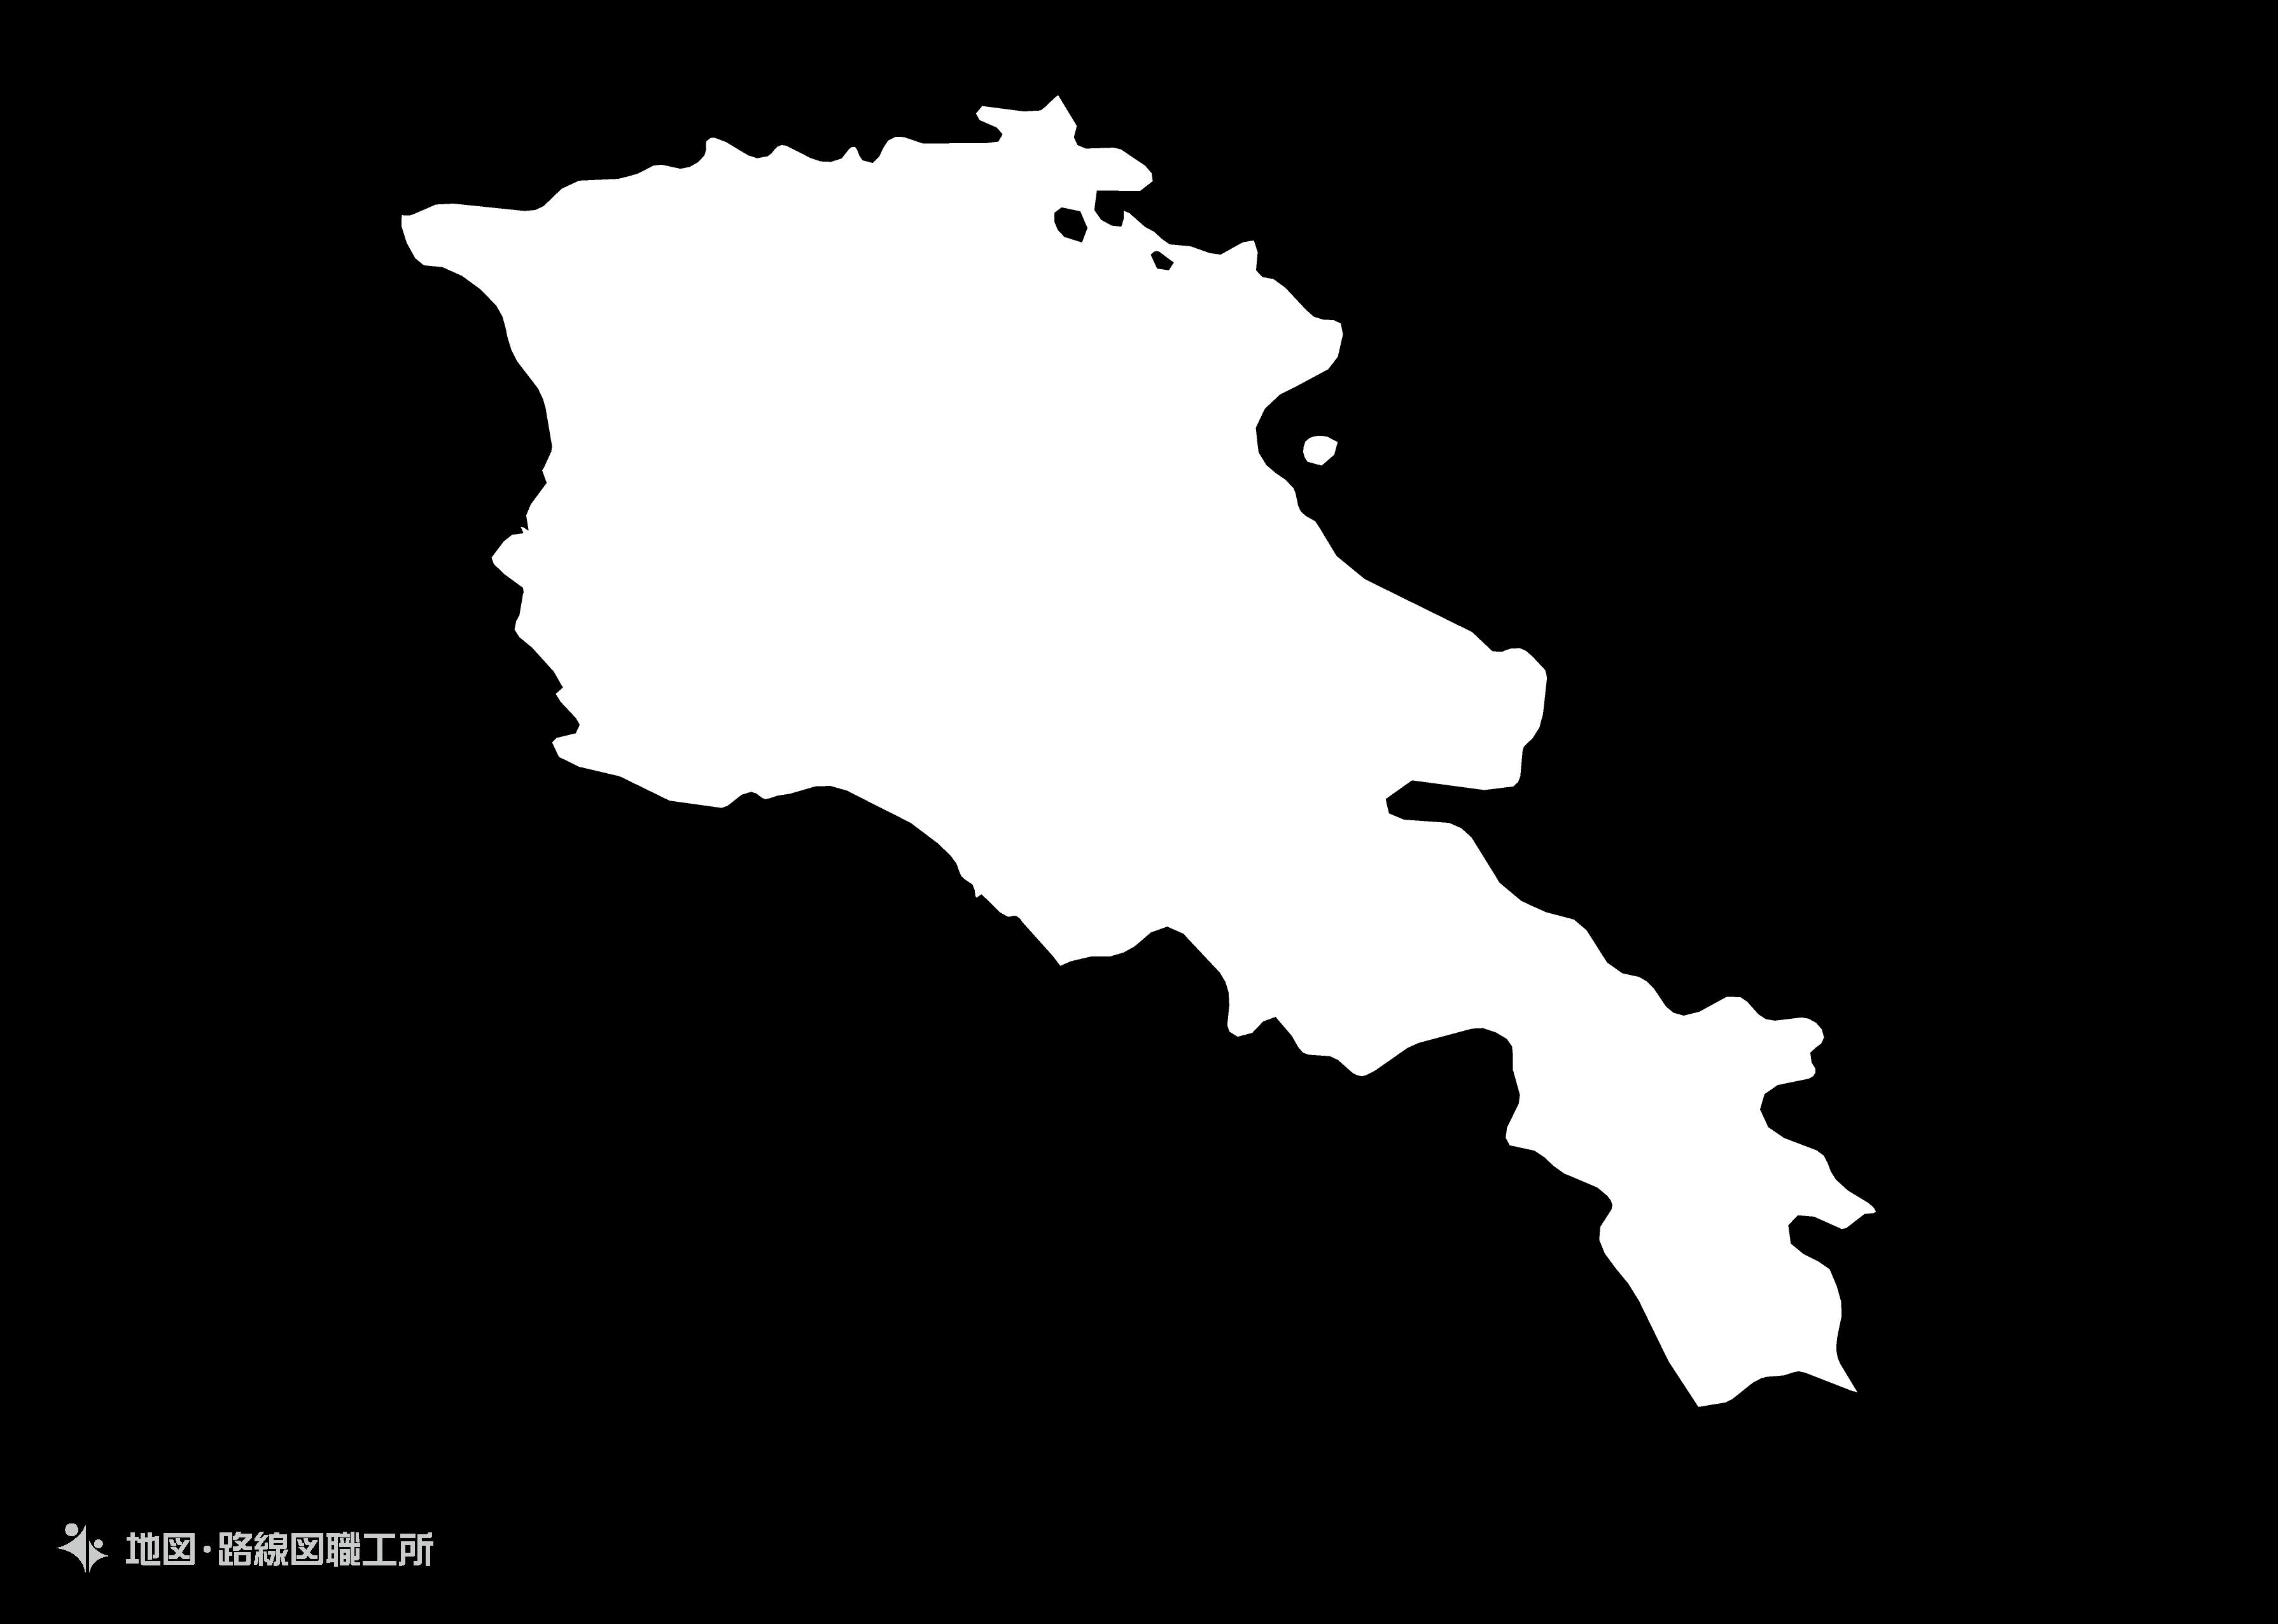 世界の白地図 アルメニア共和国 republic-of-armania map